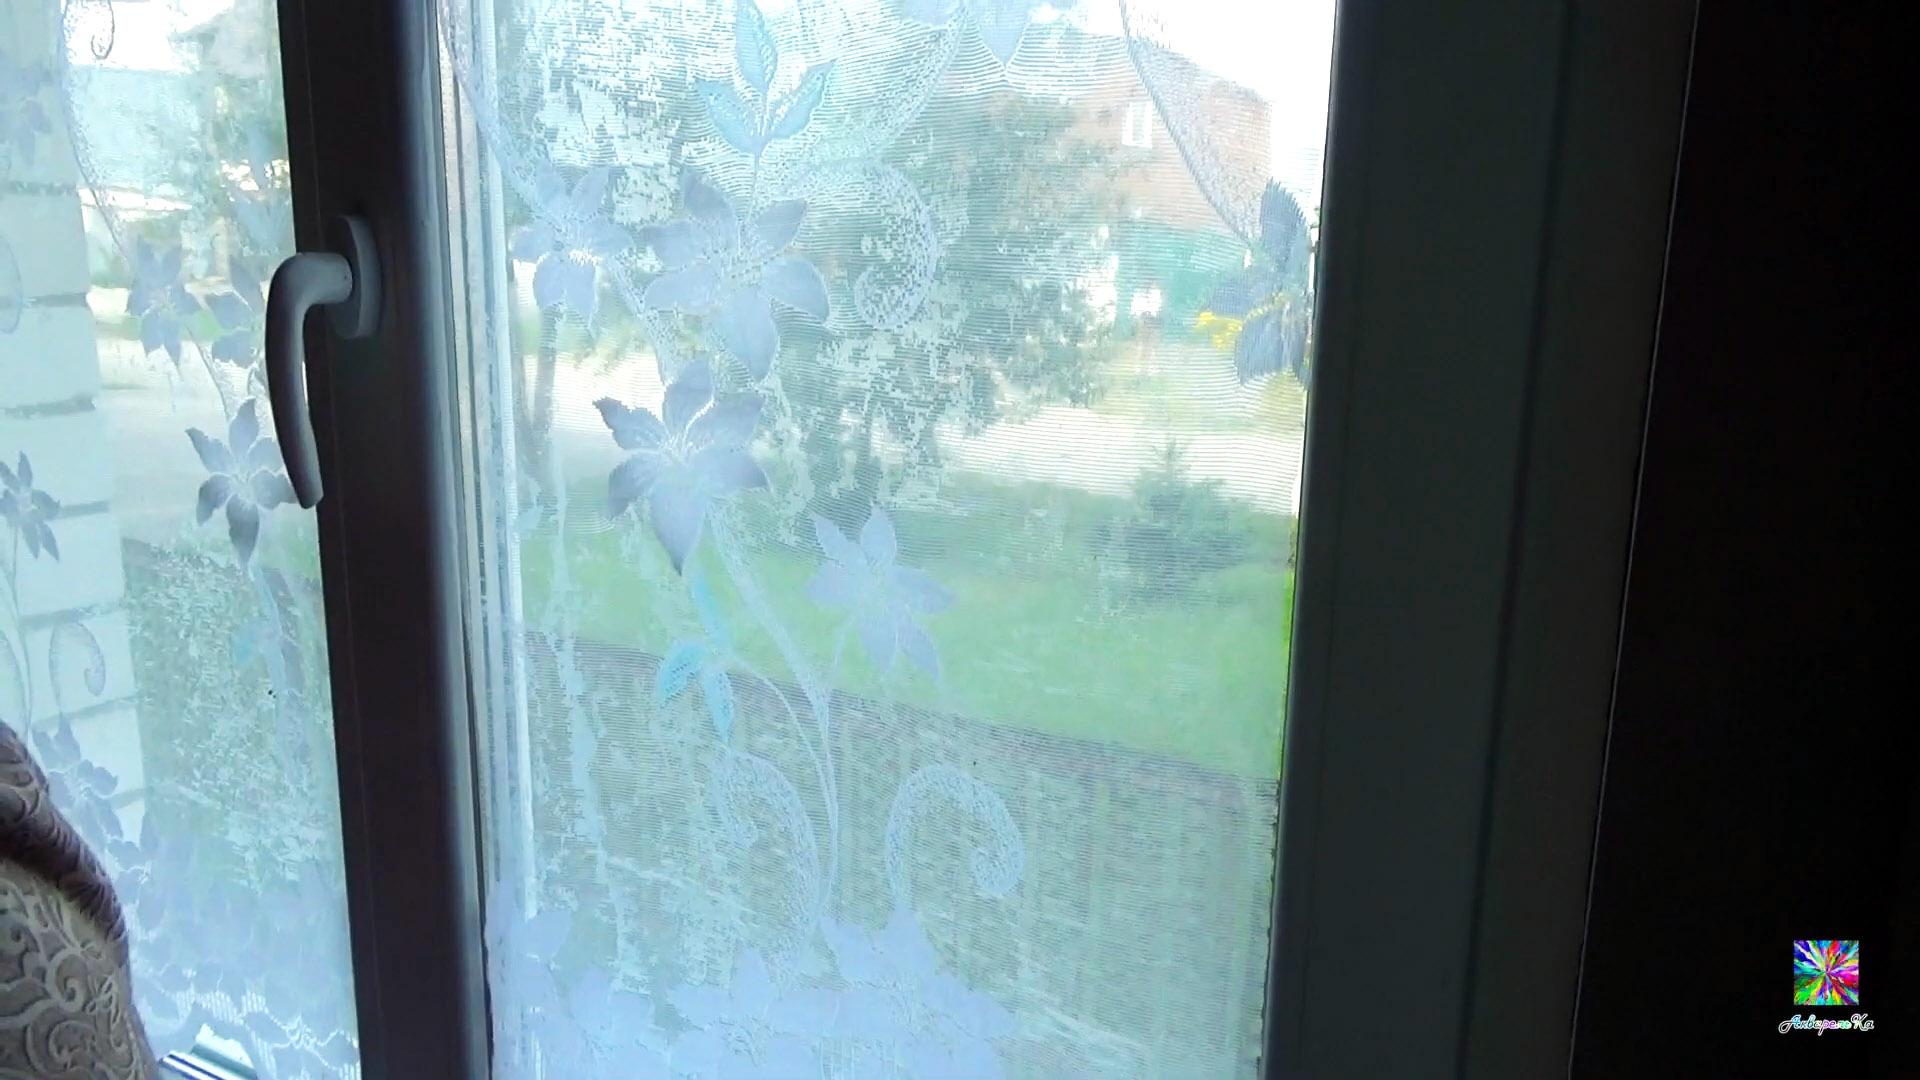 Зачем клеить тюль на окна вместо жалюзи? Волшебный совет для первых этажей